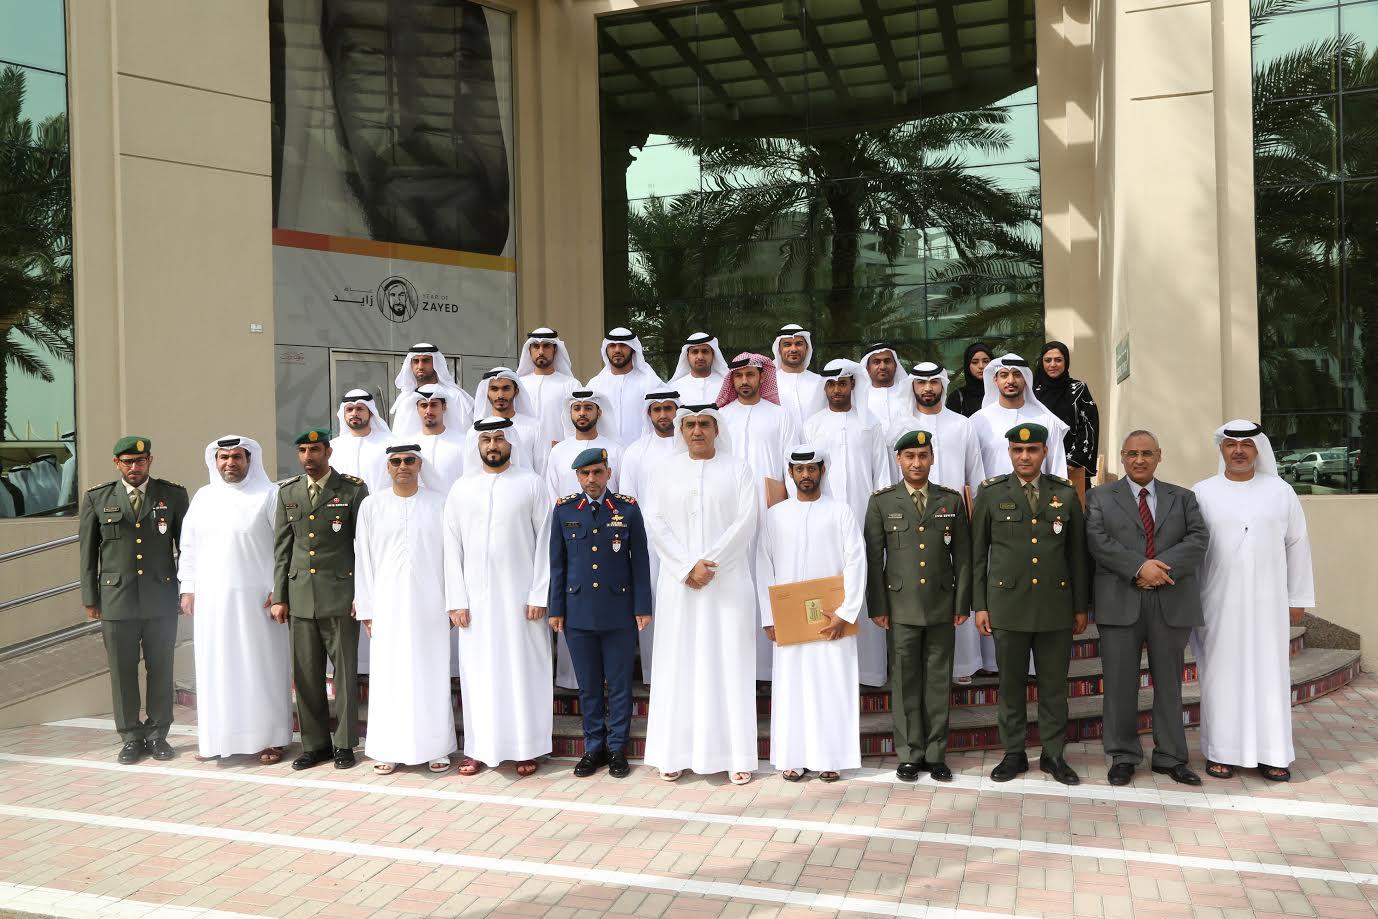 معهد دبي القضائي يحتفل بتخريج الدفعة الثامنة لدبلوم العلوم القانونية والقضائية